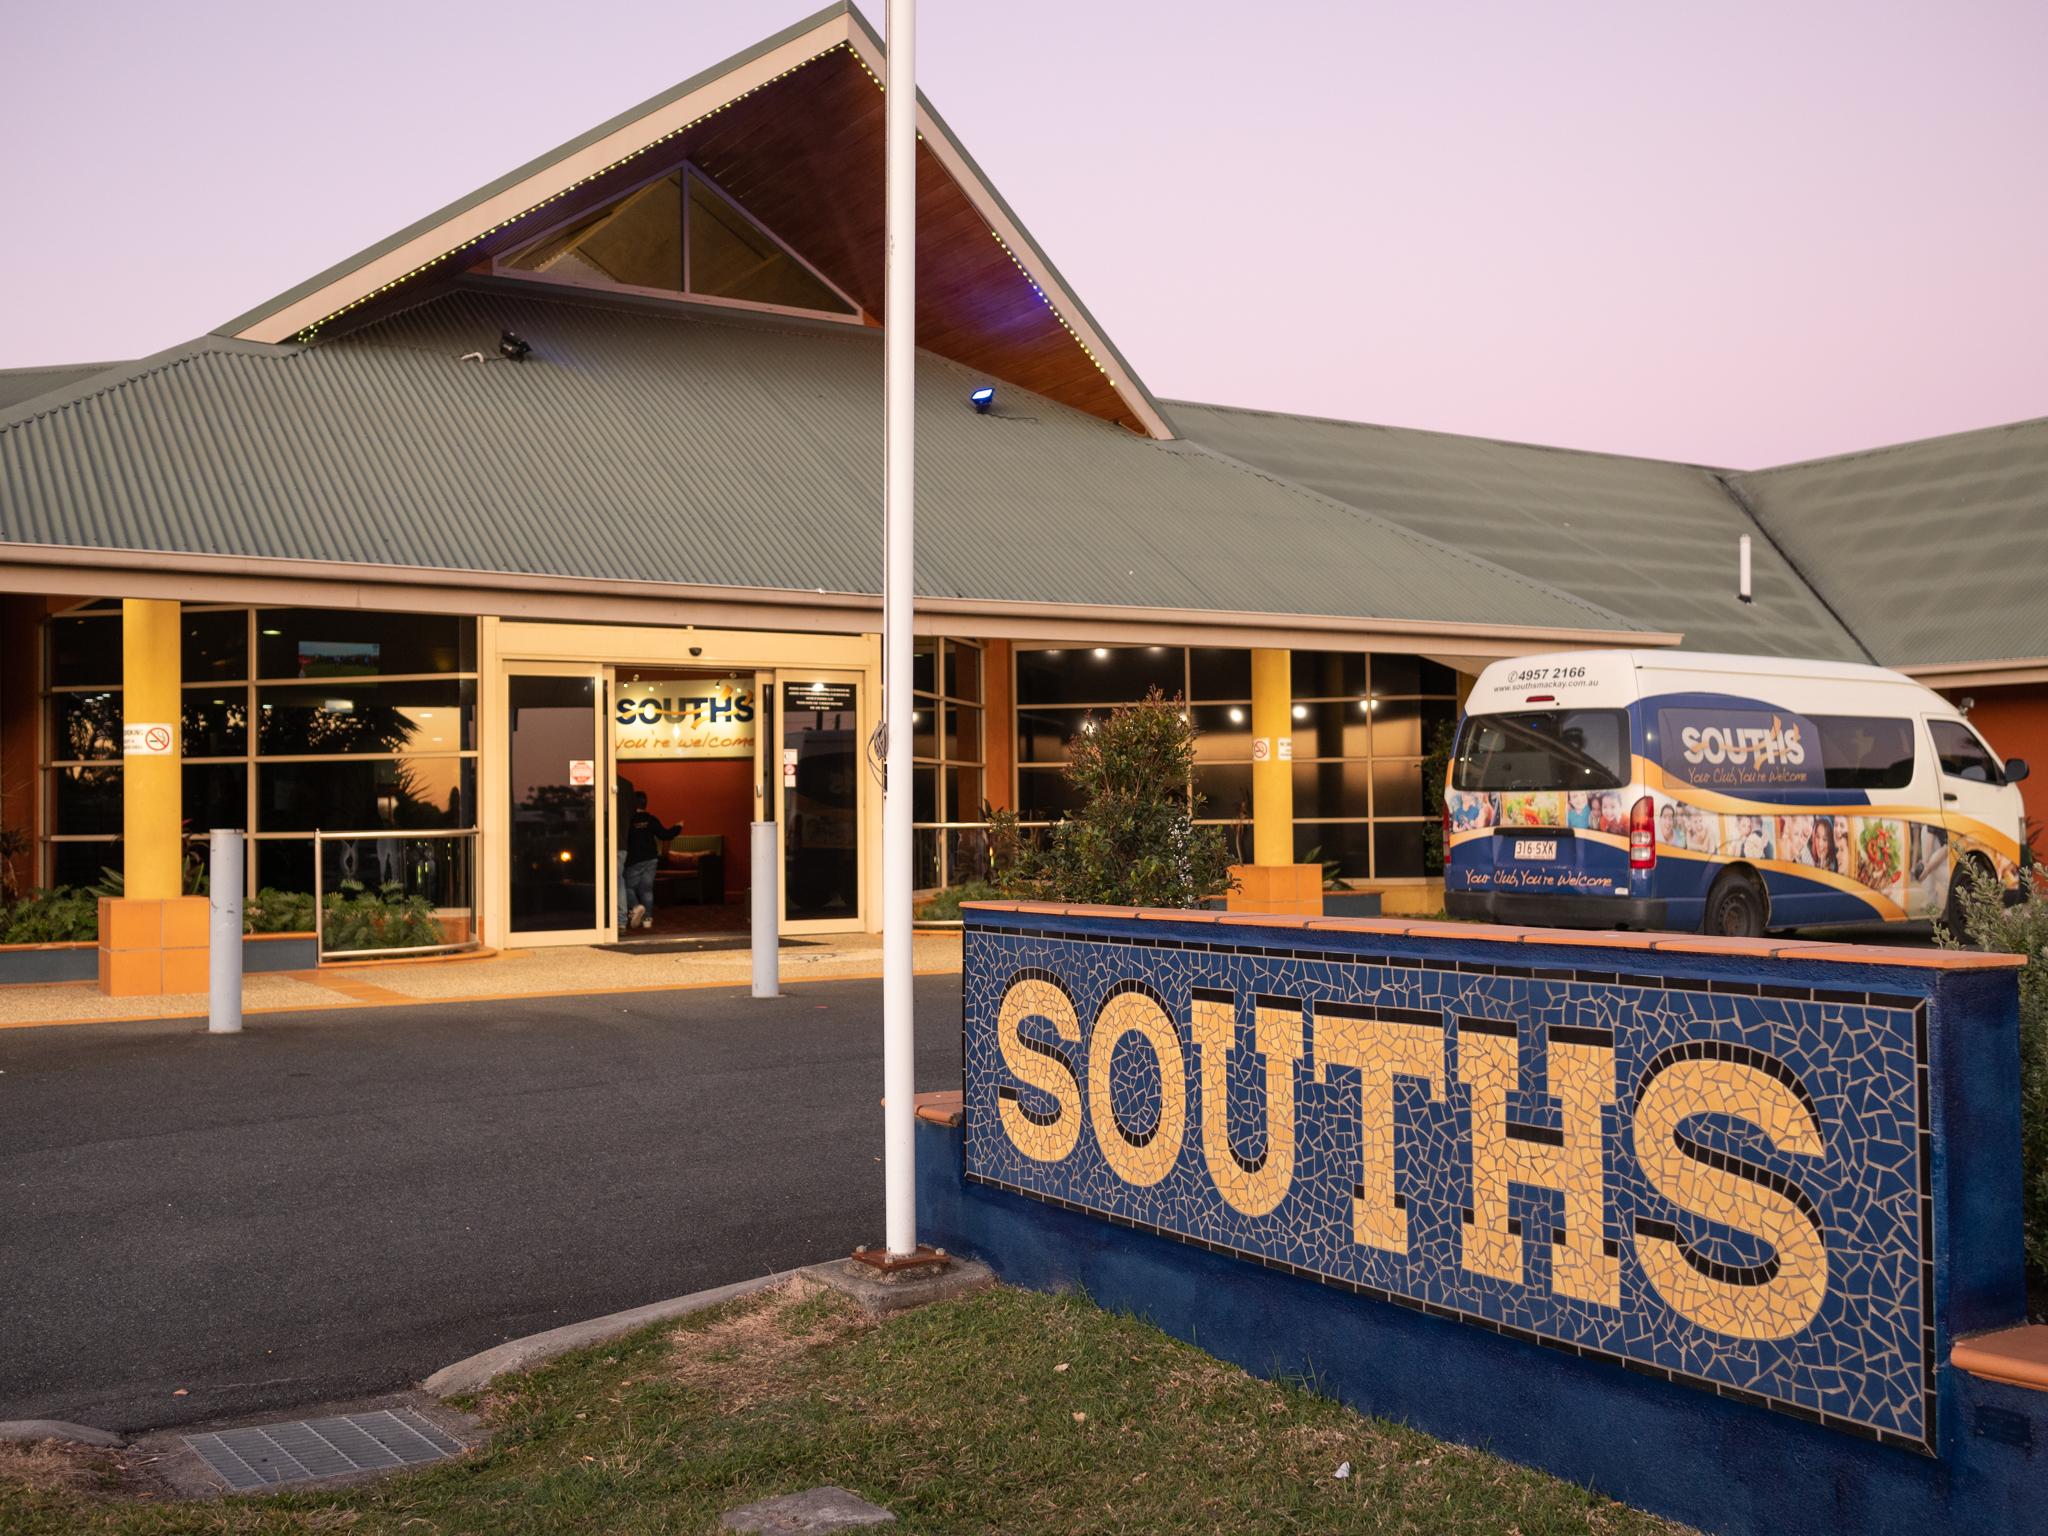 souths leagues club -